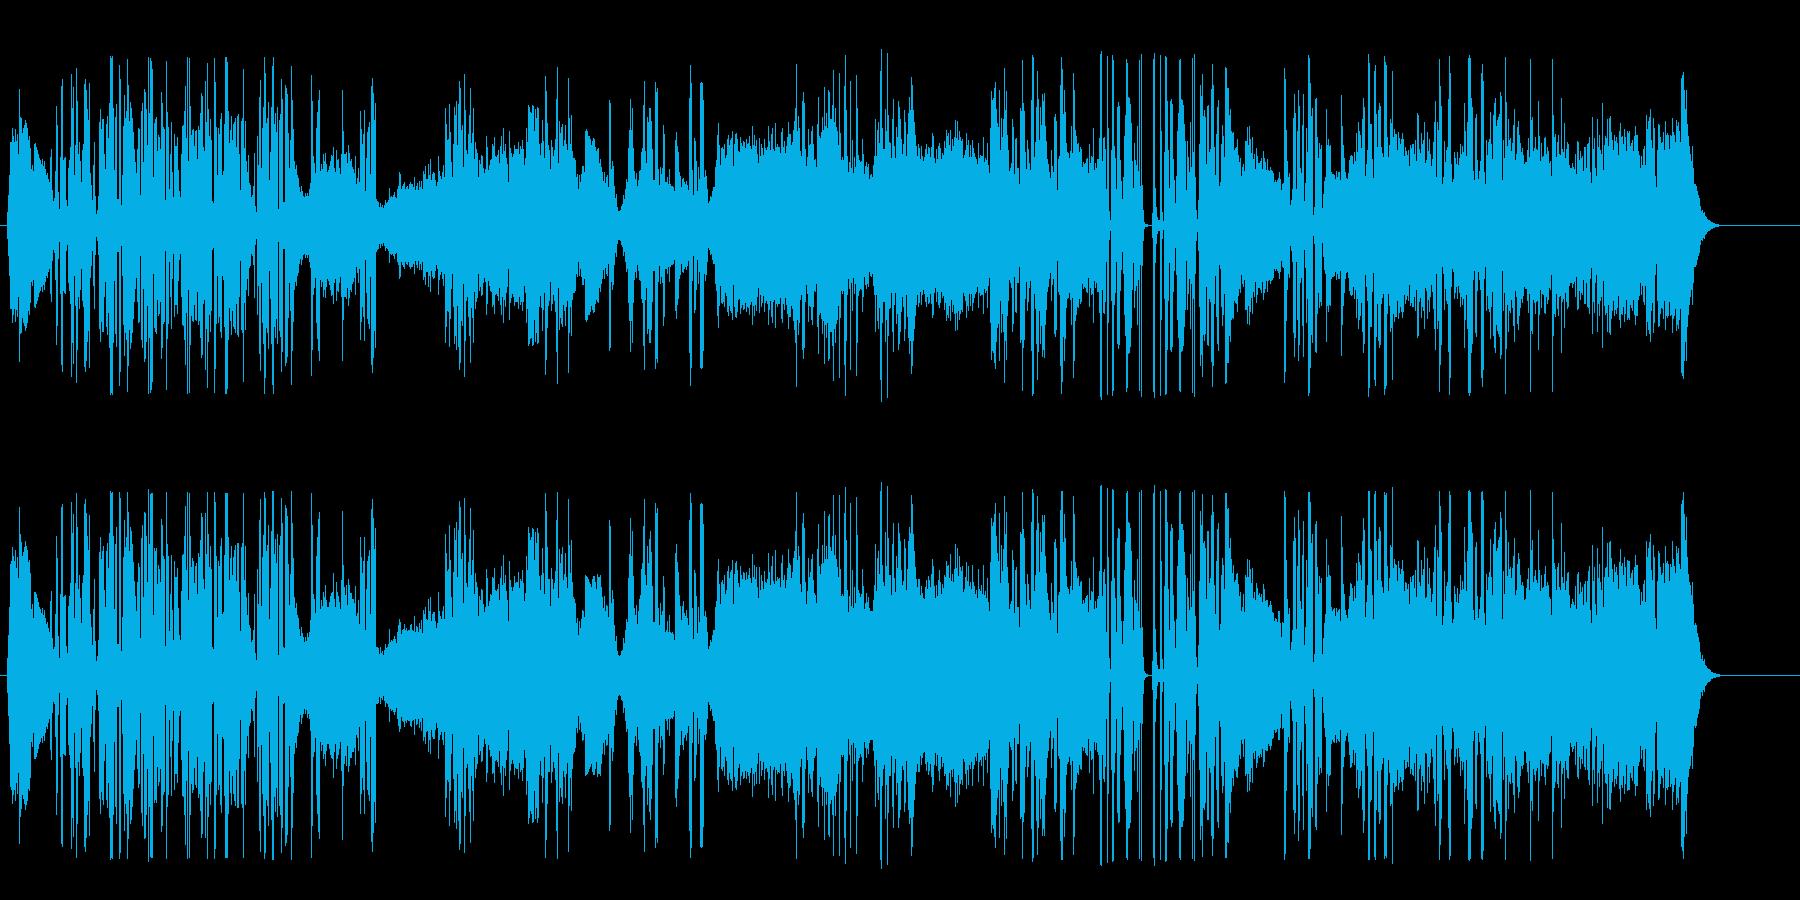 イントロデモの再生済みの波形